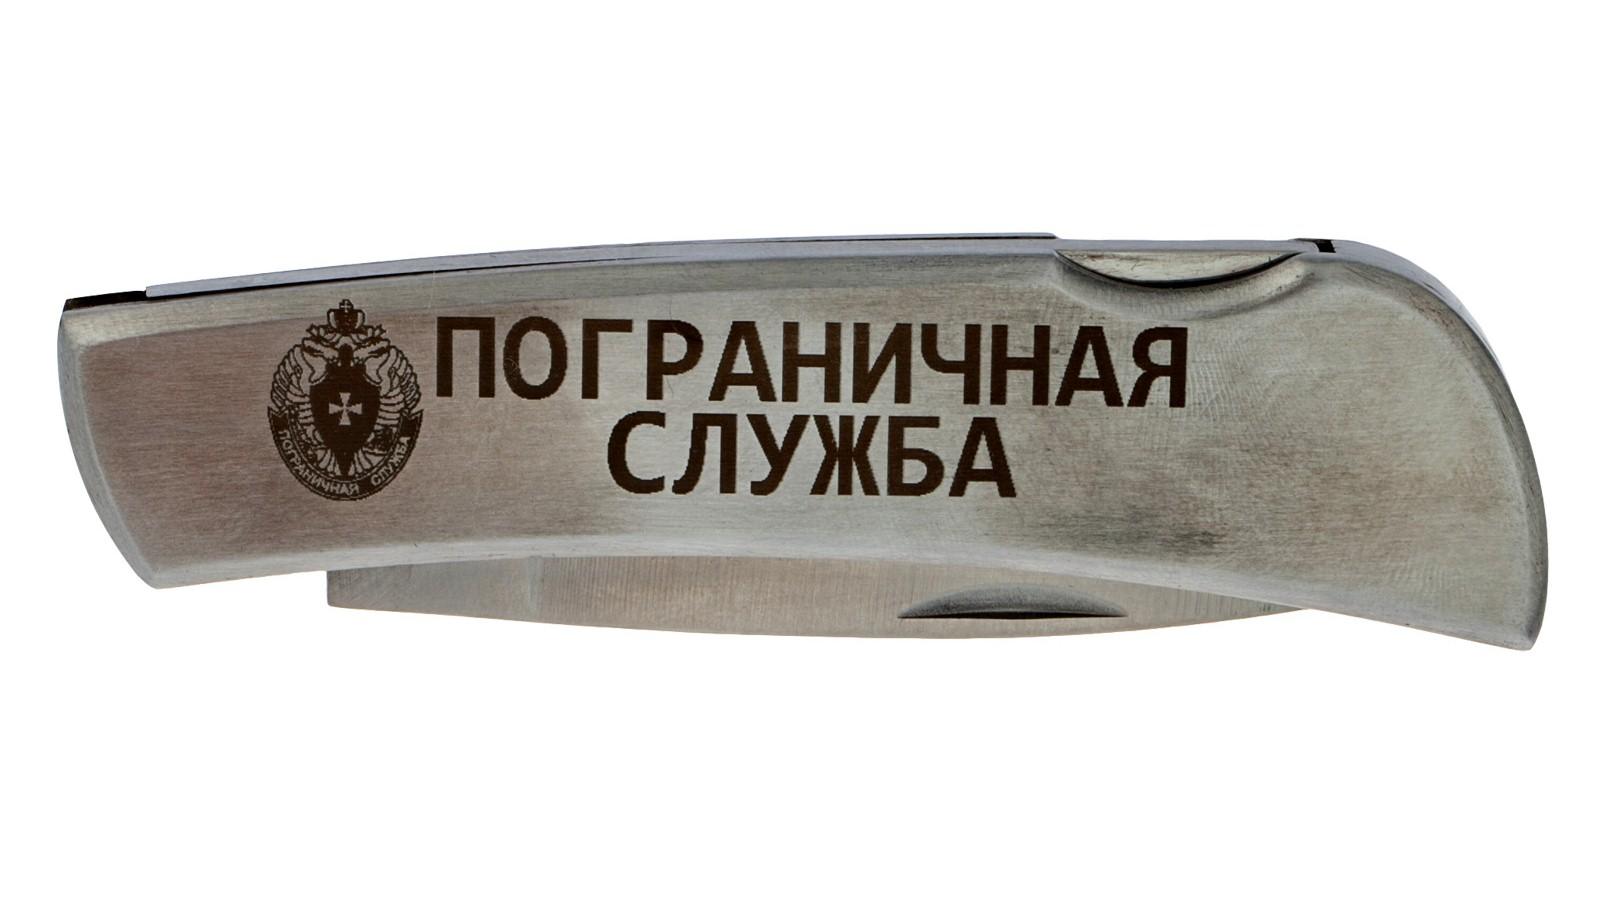 """Коллекционный складной нож """"Пограничная служба"""" авторского дизайна"""